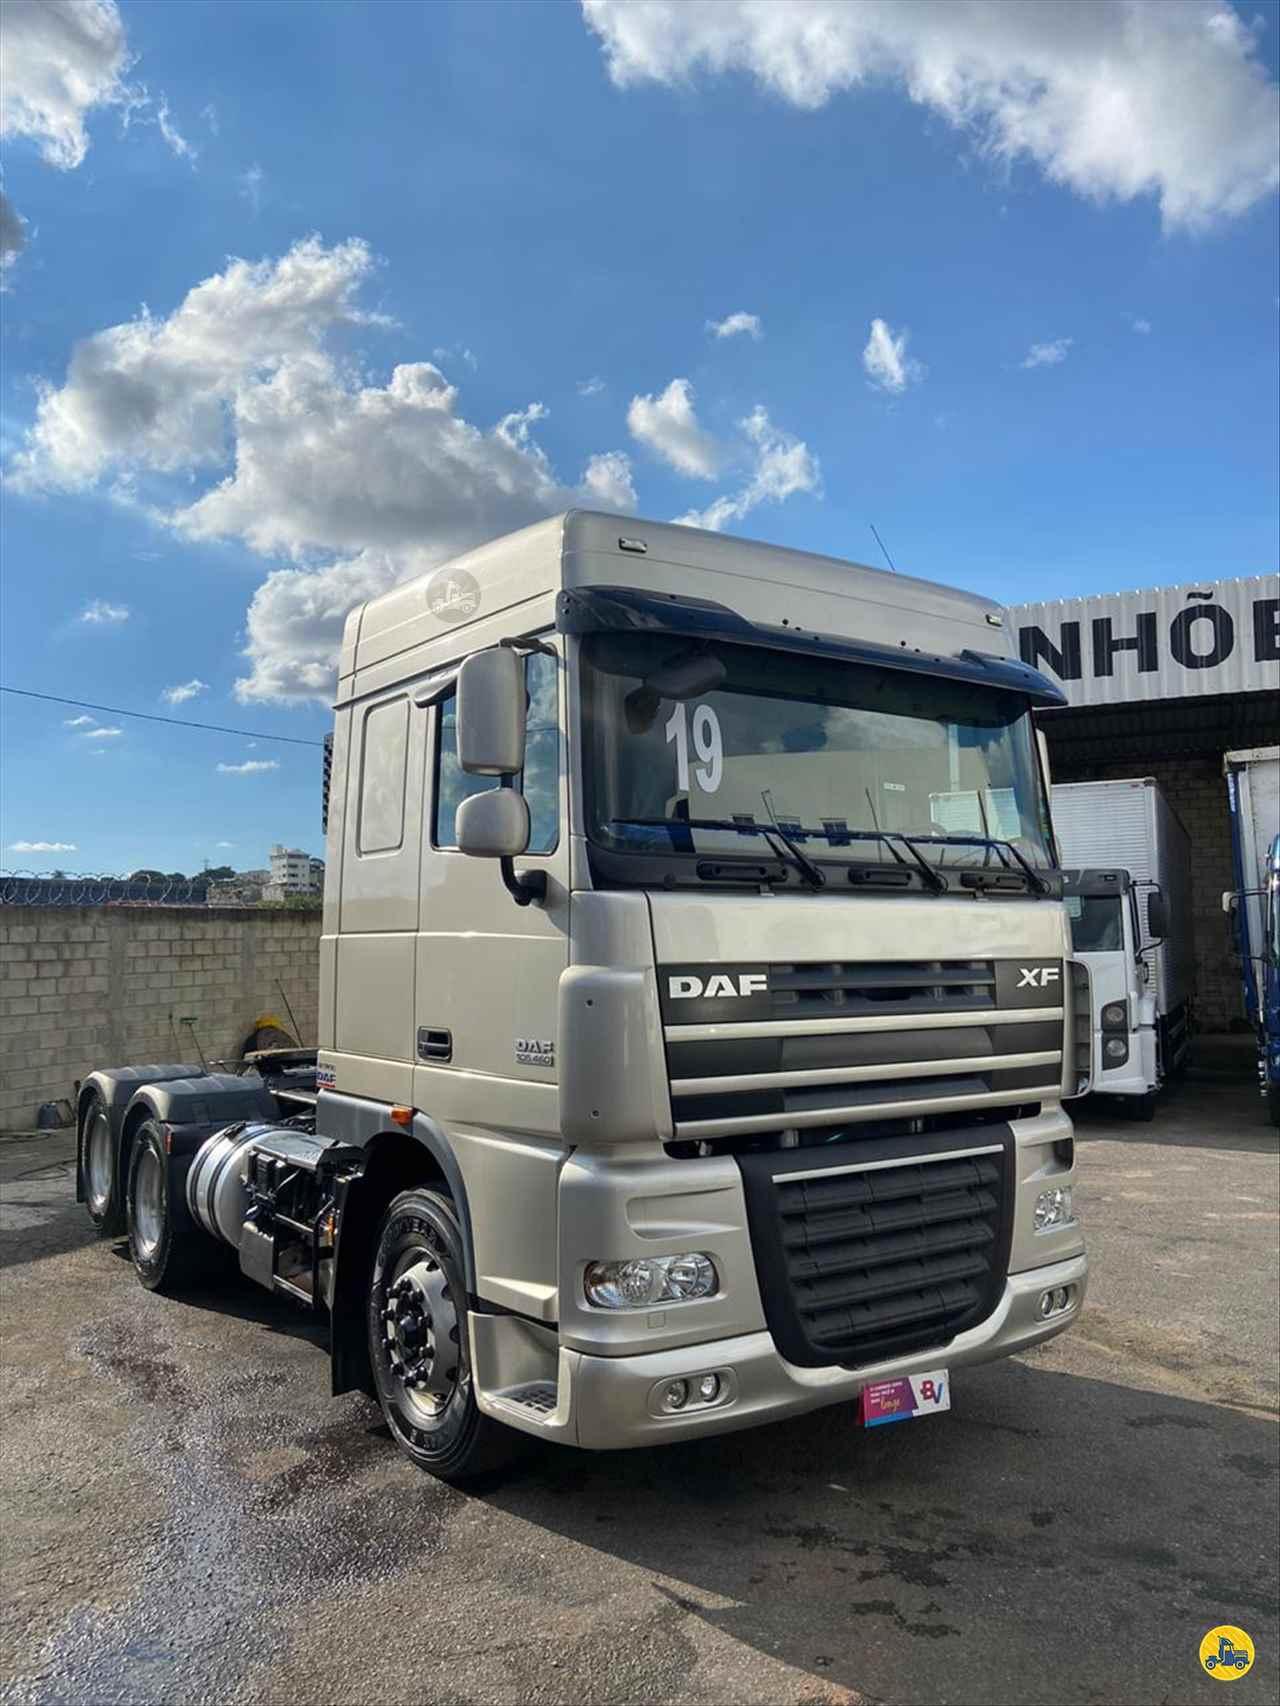 CAMINHAO DAF DAF XF105 460 Chassis Truck 6x2 Gegê Caminhões CONTAGEM MINAS GERAIS MG